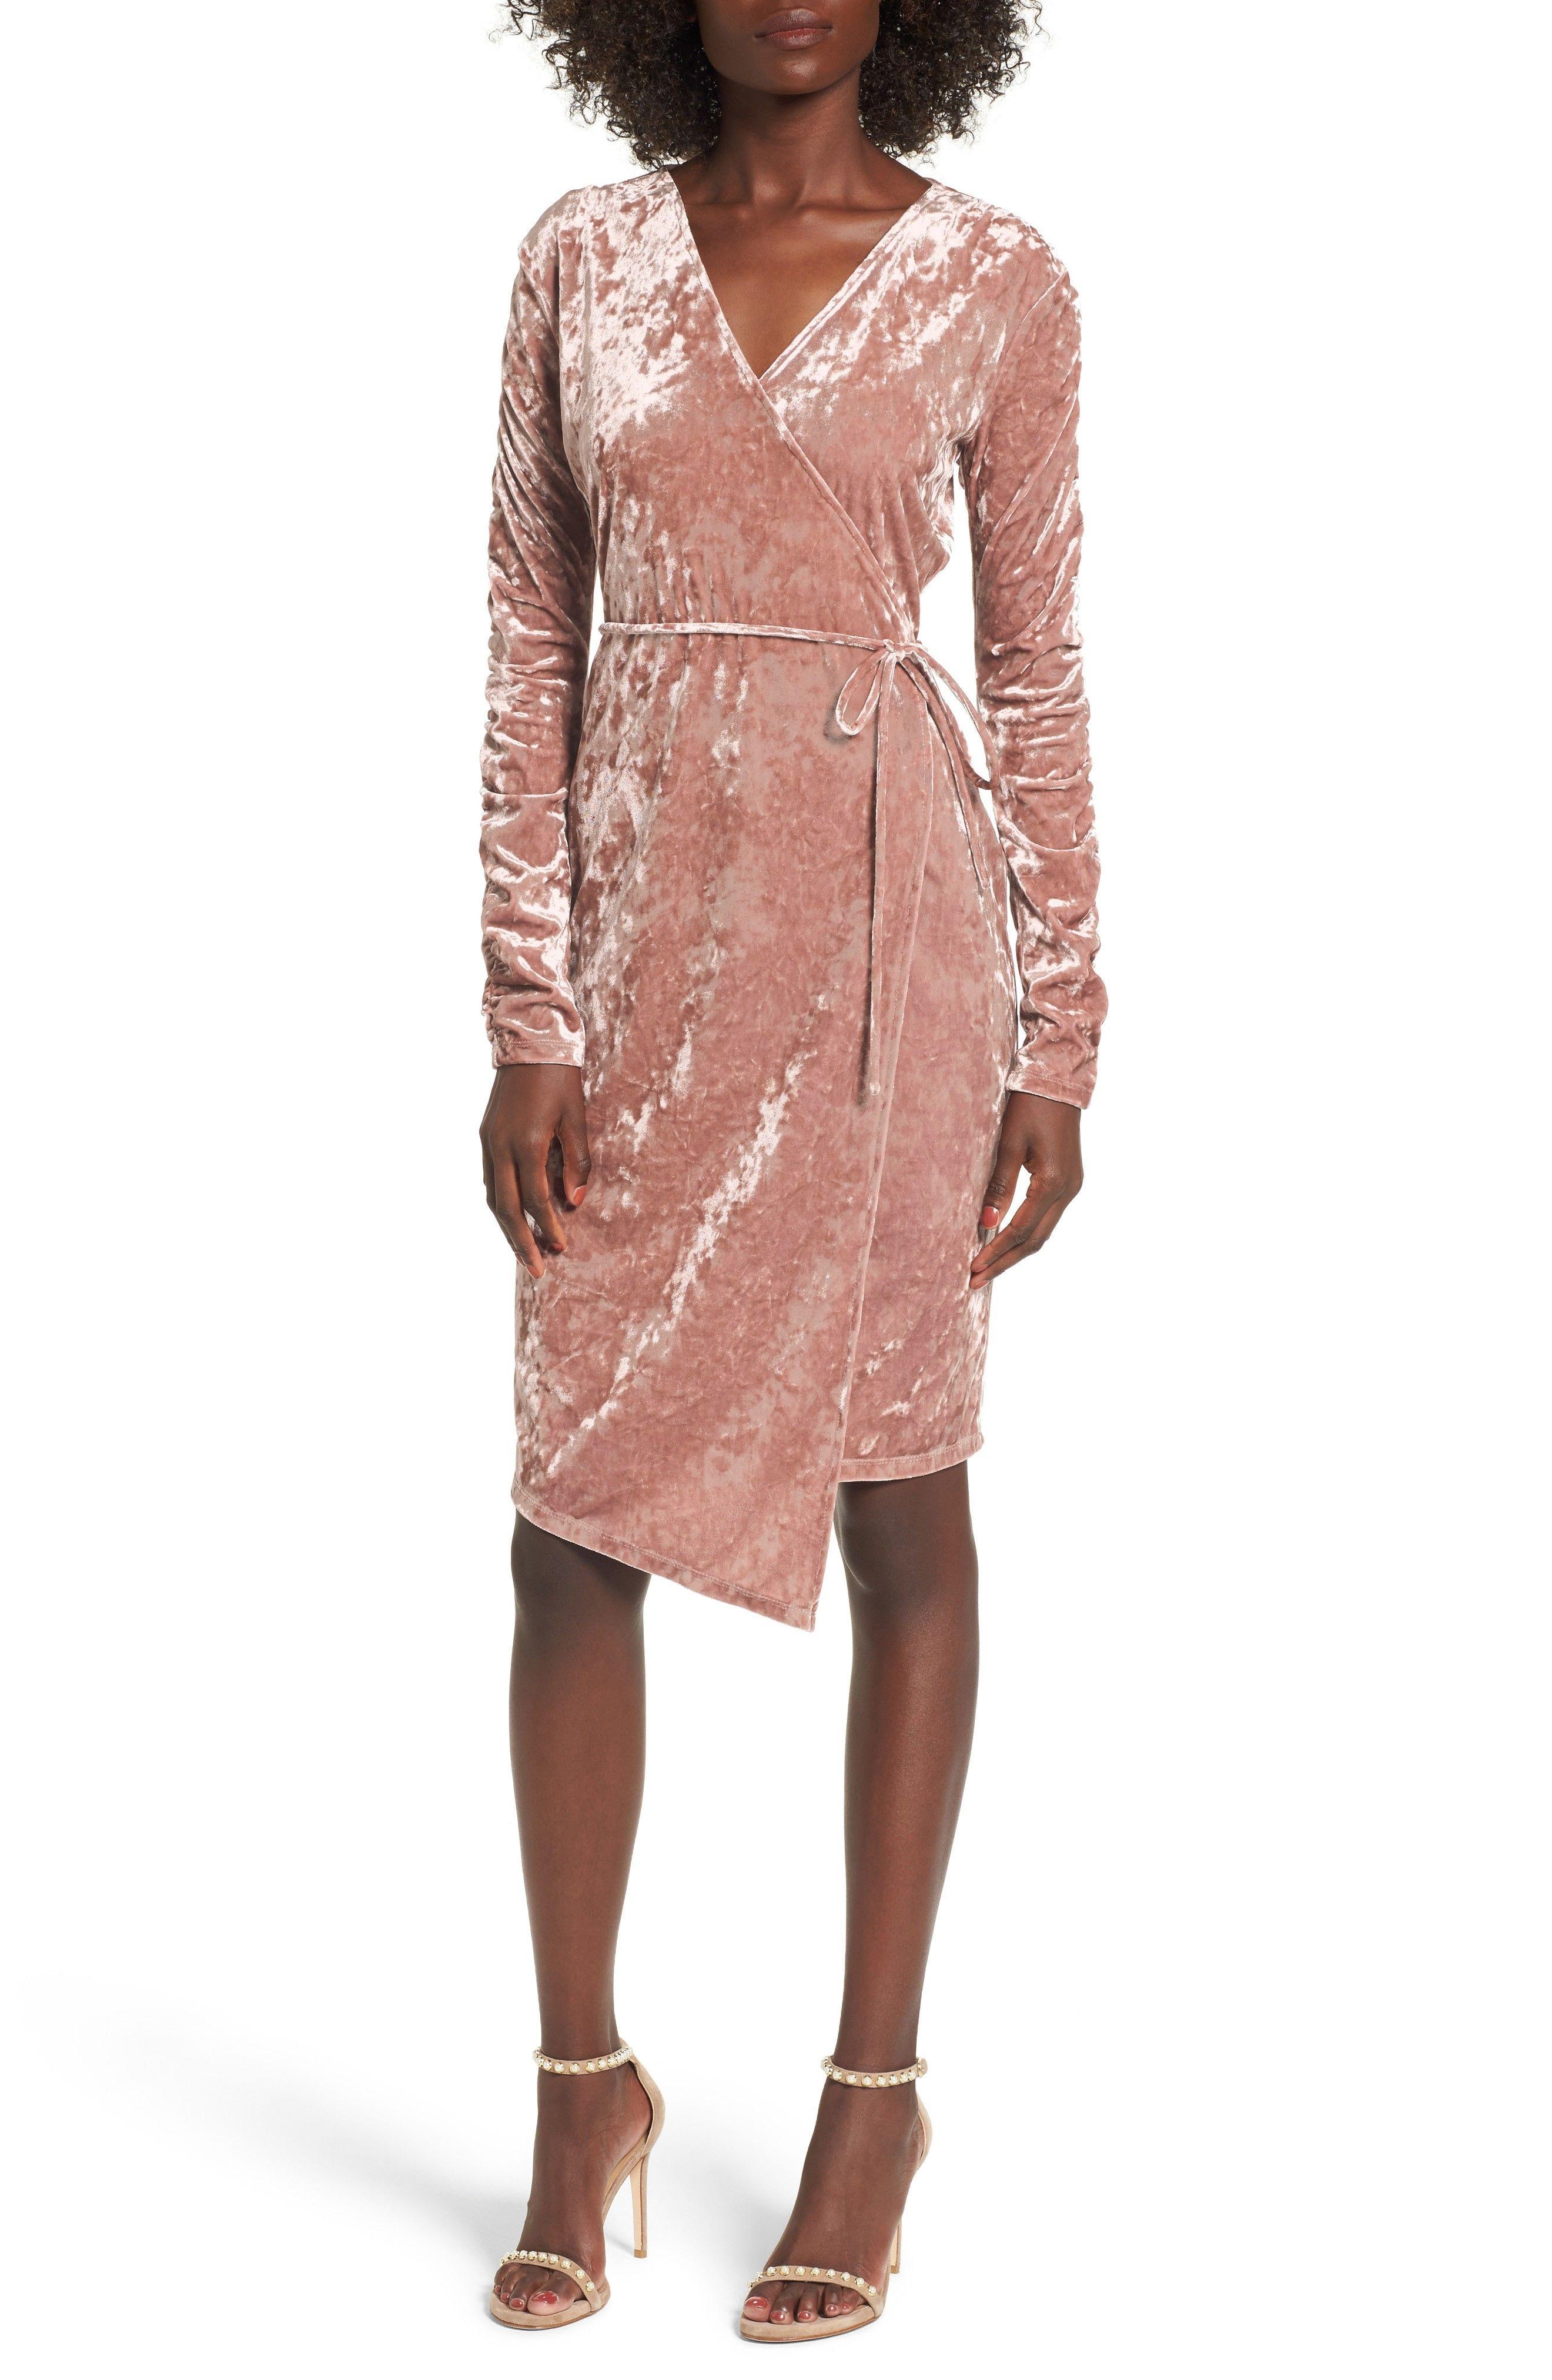 1b26814e84e3 10 Affordable Wedding Guest Dresses